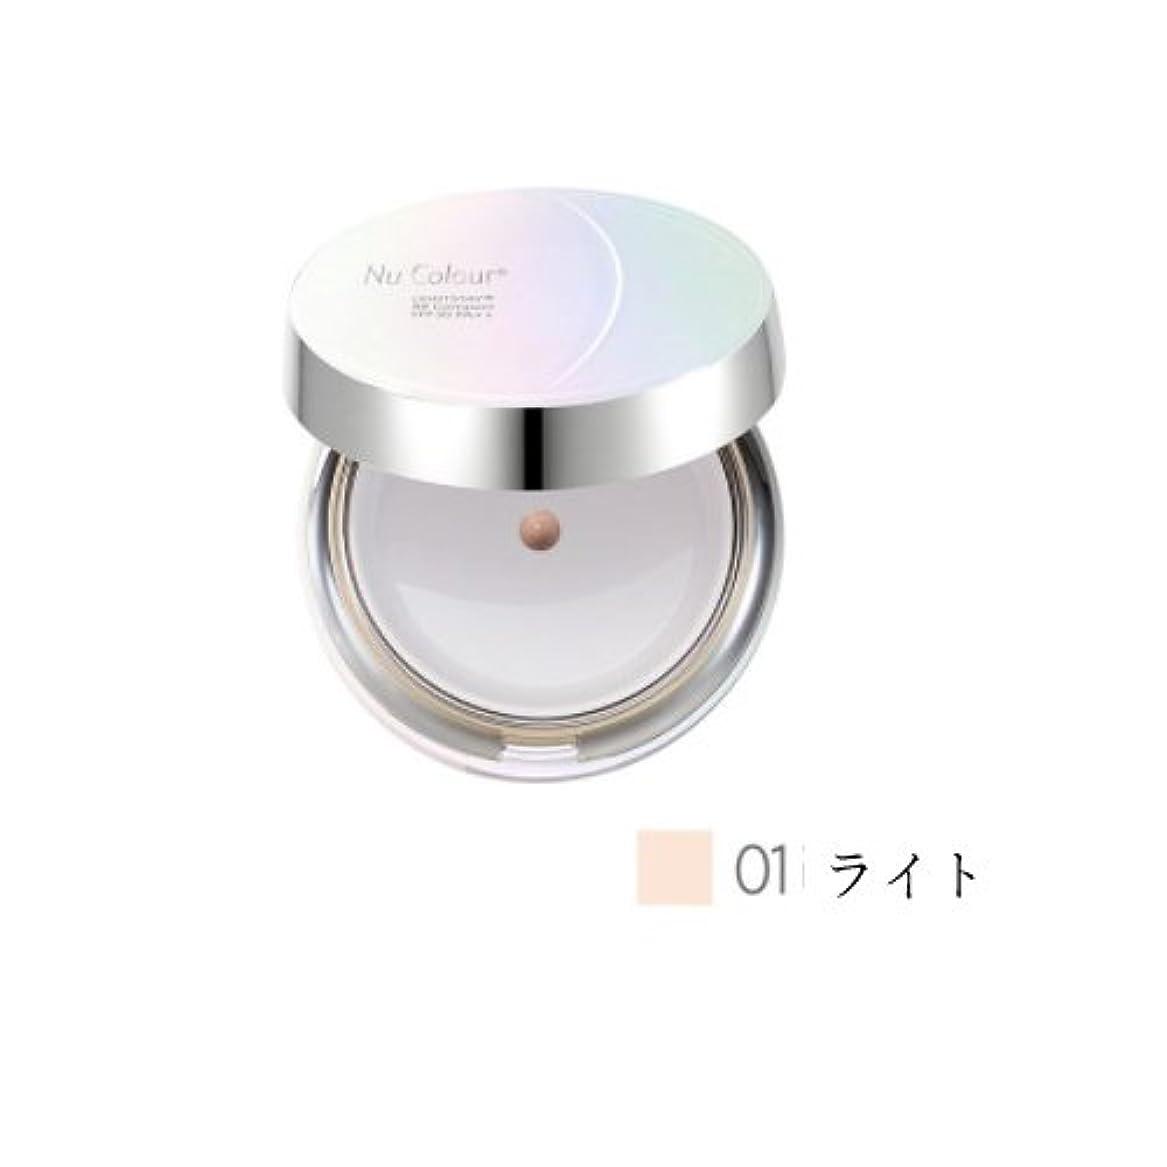 展望台協力機知に富んだニュースキン ライトステイビビコンパクトSPF30 PA++01ライト BB Compact 01 Light [並行輸入品]